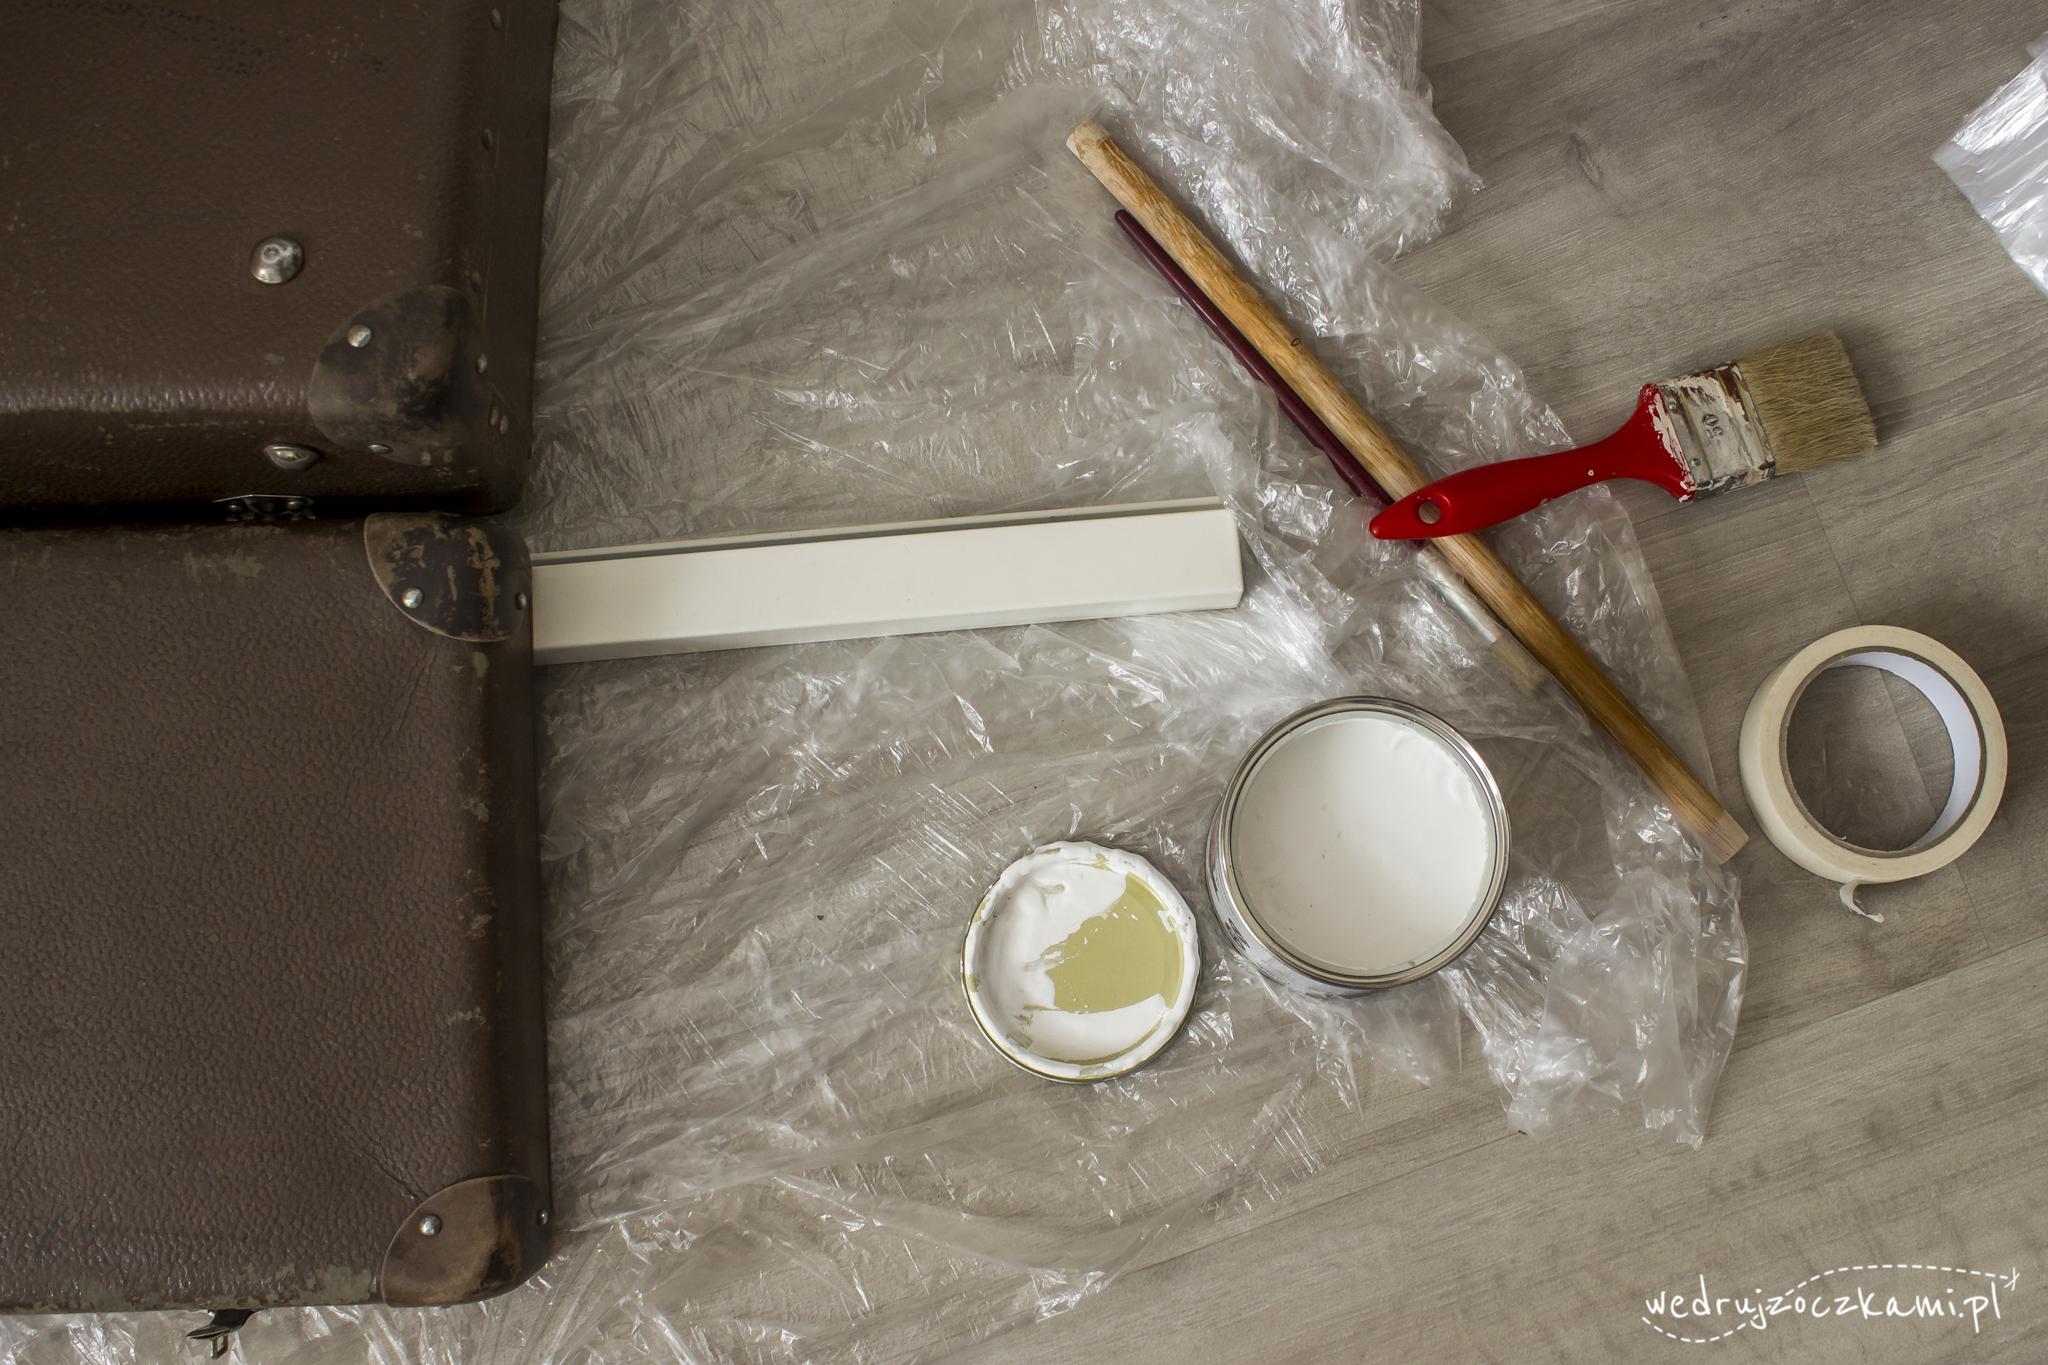 Renowacja starej walizki. Malowanie farbą kredową